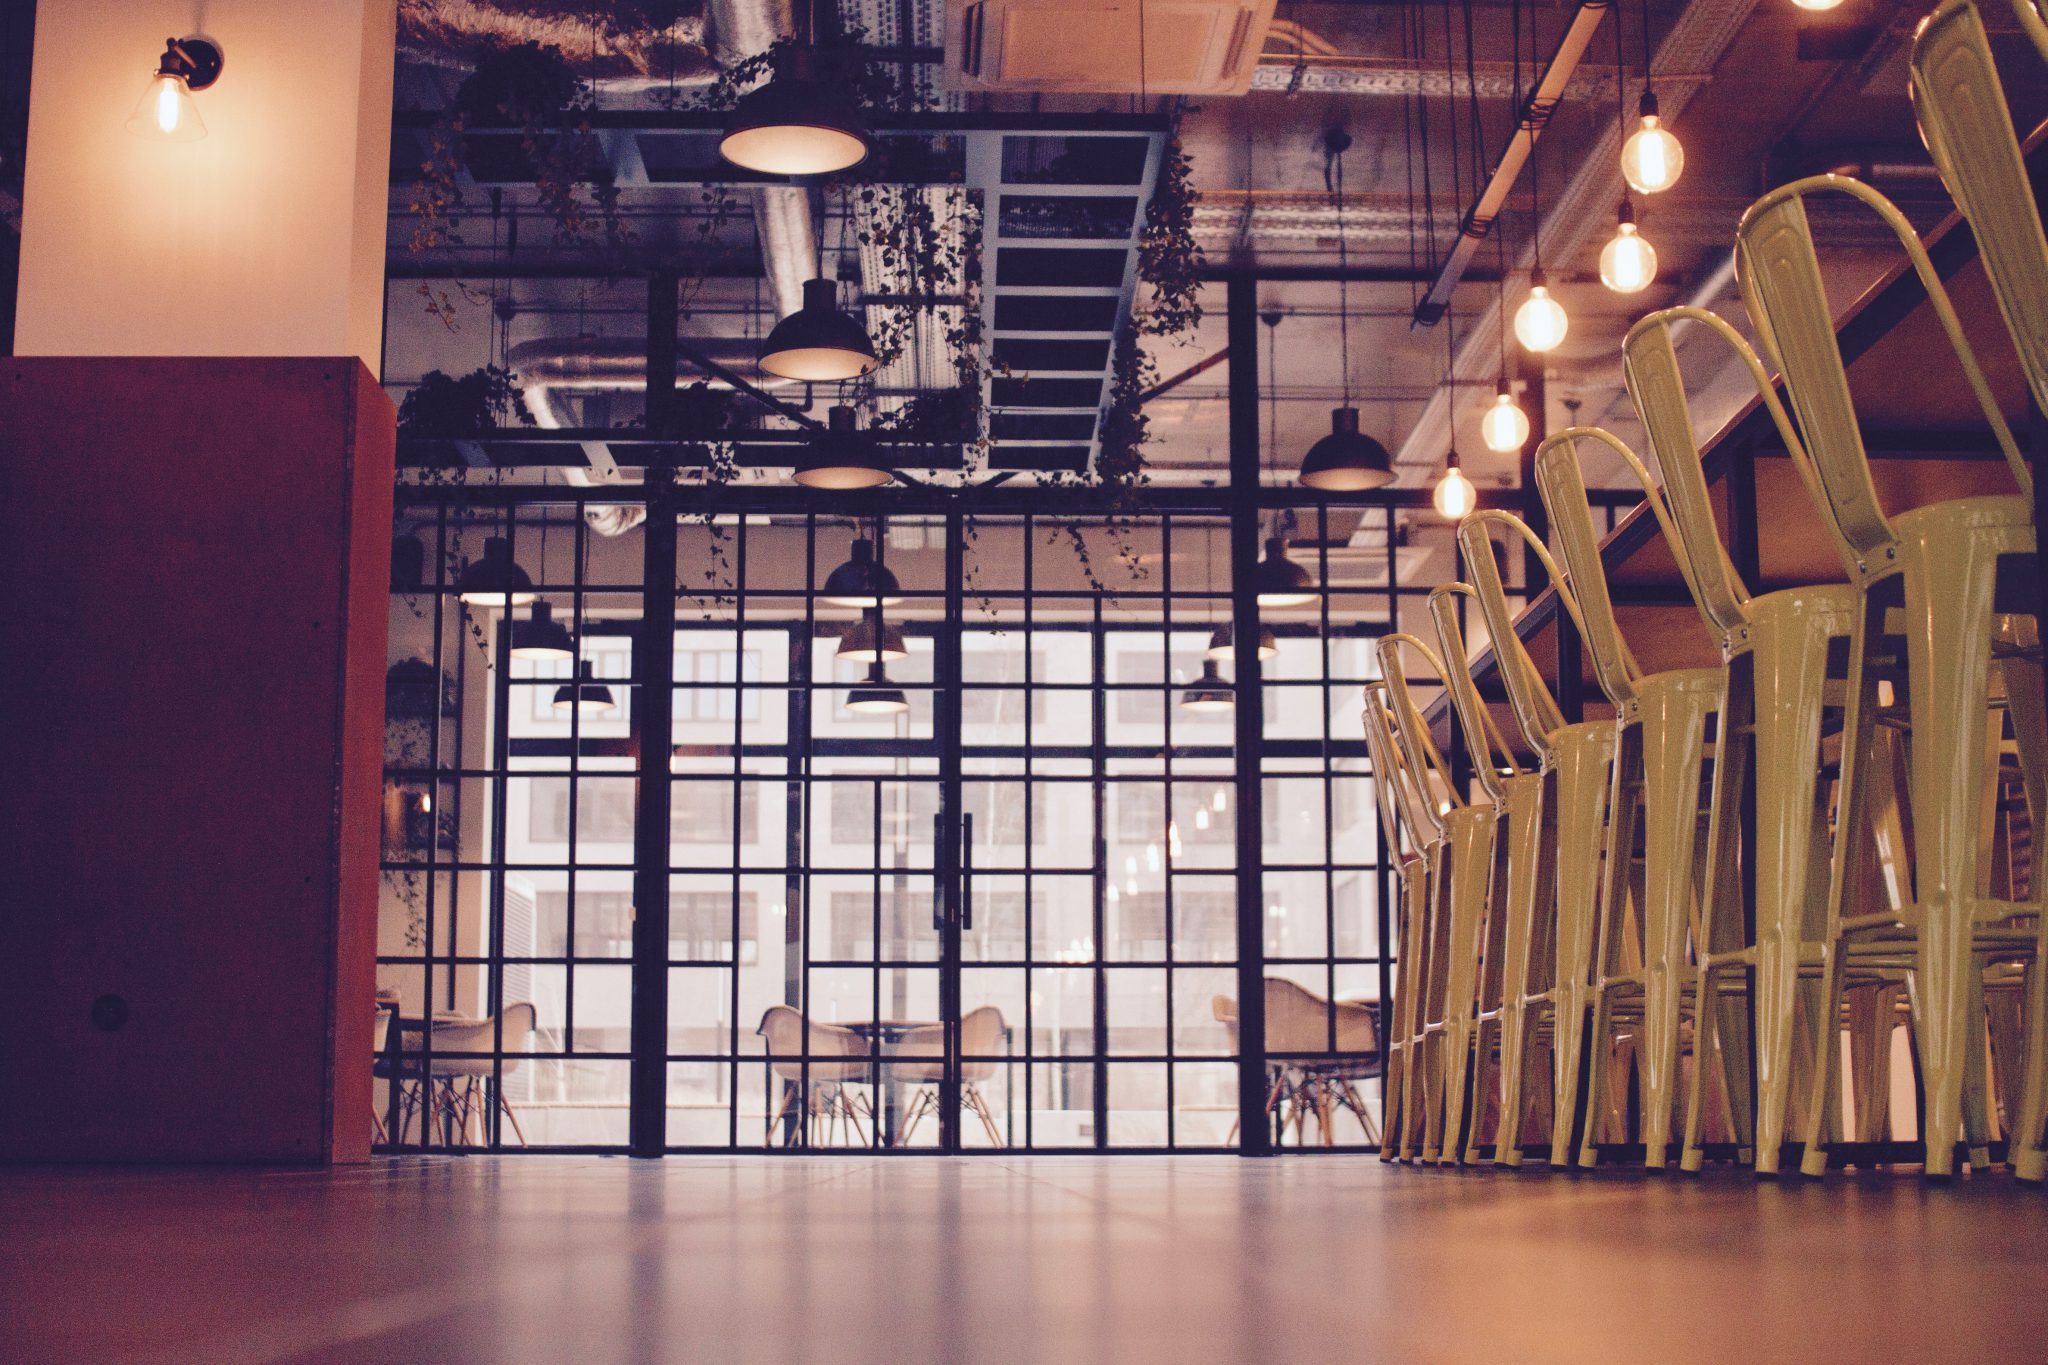 wyposażenie restauracji , meble reIcon Concept, drzwi kute, drzwi metalowe, drzwi metalowe loftowe, drzwi wewnętrzne, wrocław, dolnośląskie, LOFT, drzwi loft, drzwi metalowe loft, kowalstwo, okna metalowe industrialne, witryny metalowe industrialnestauracyjne